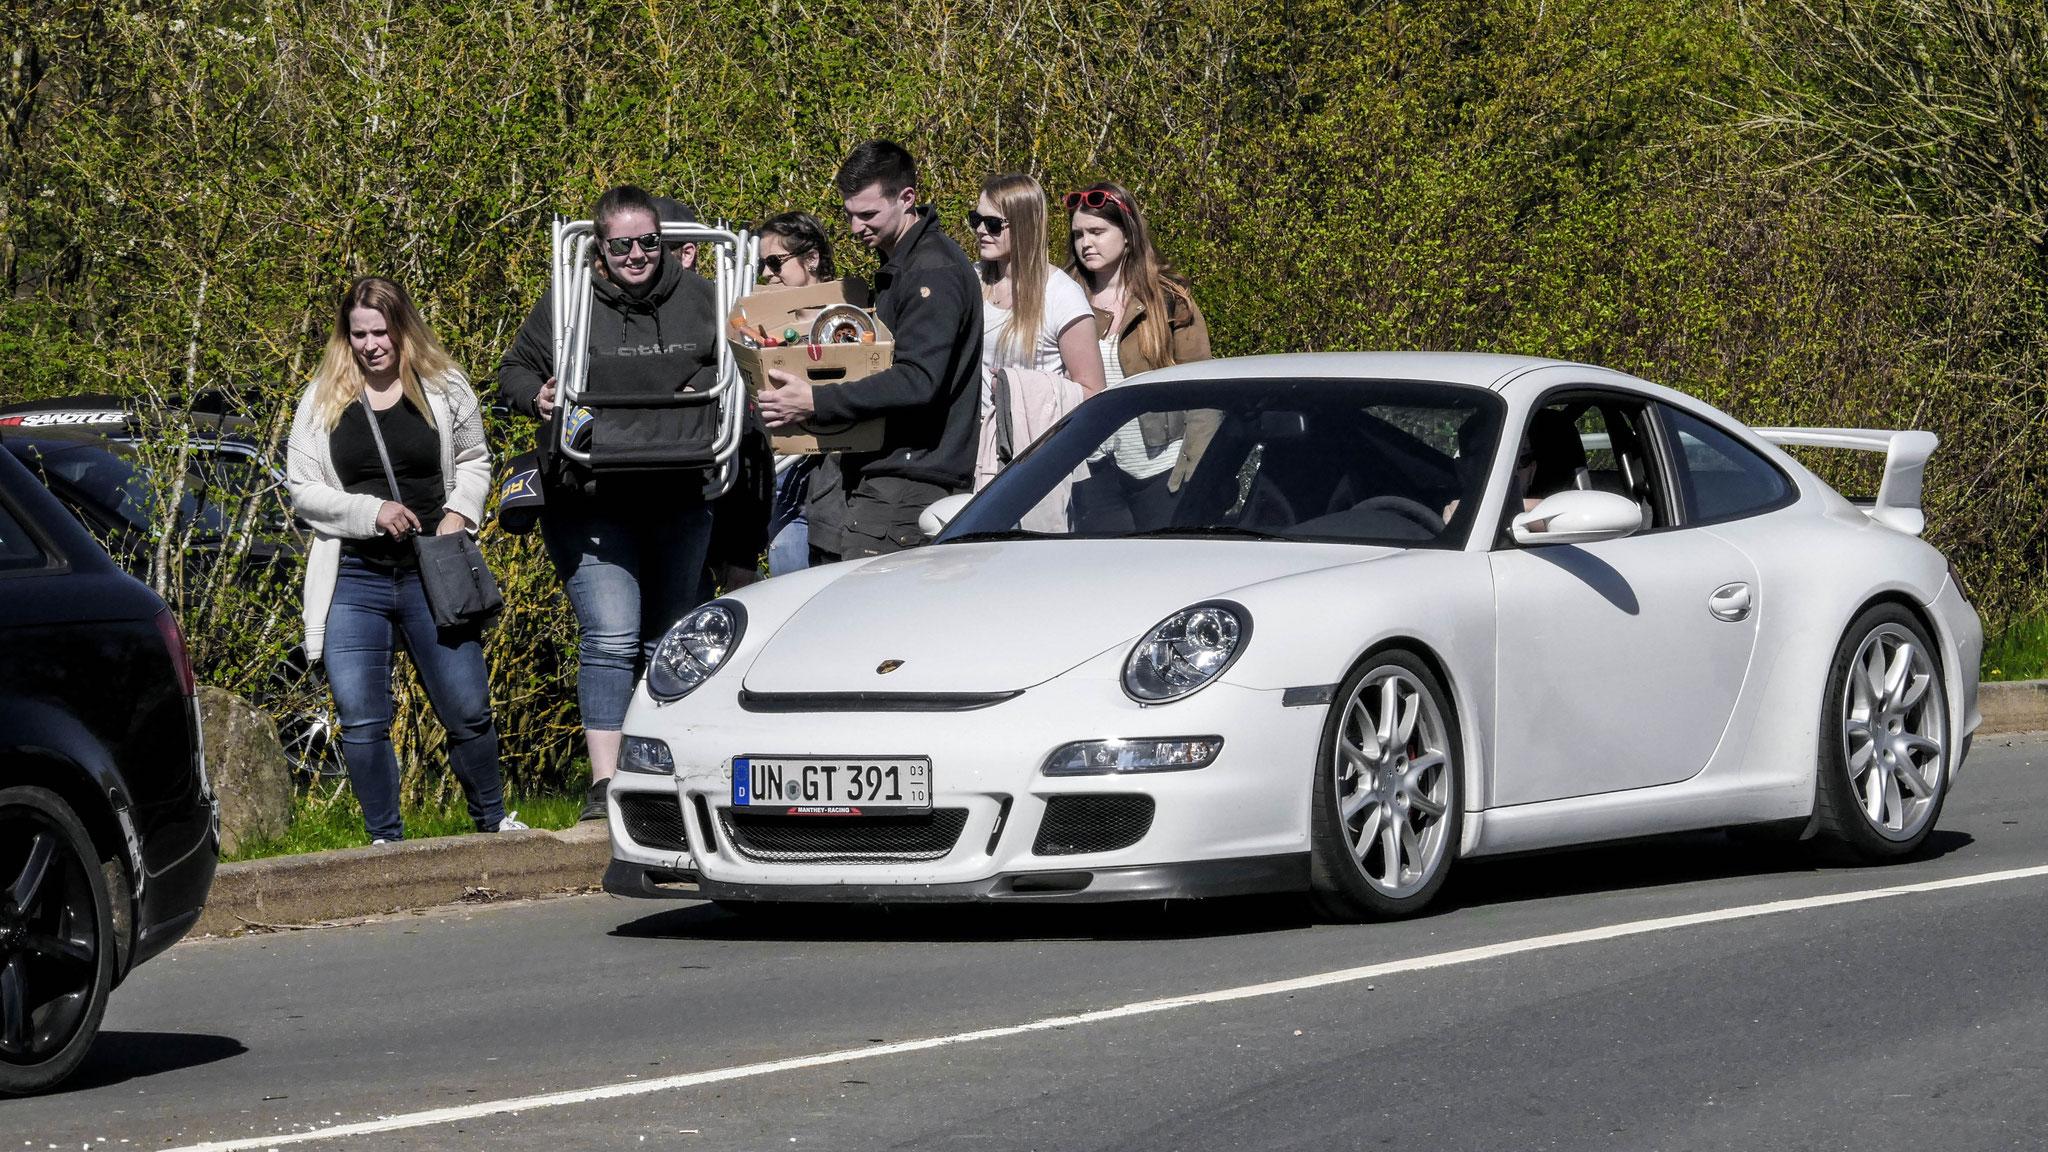 Porsche GT3 997 - UN-GT-391